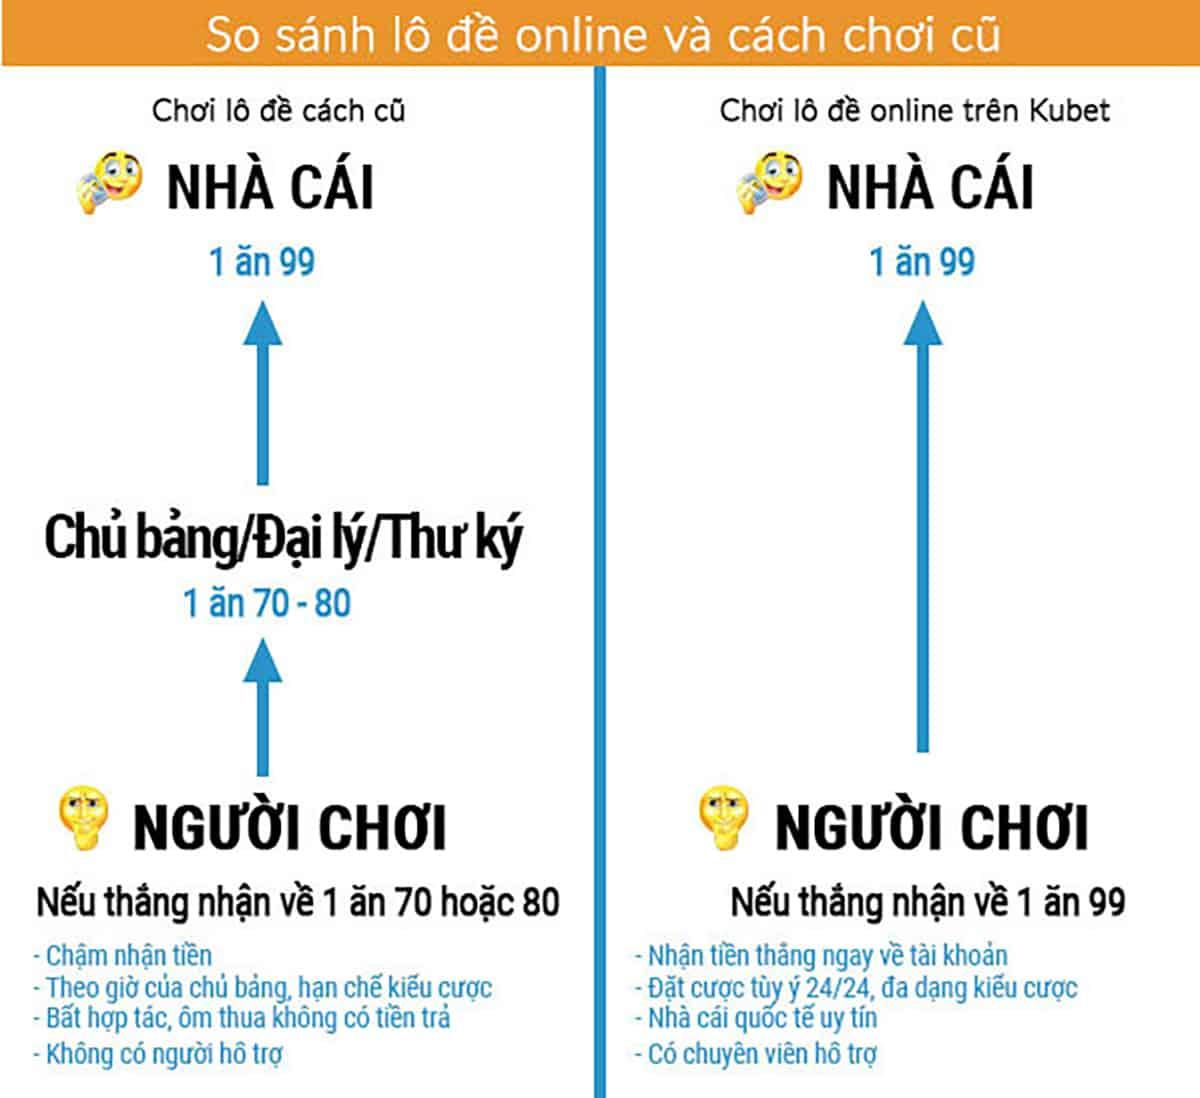 lô đề truyền thống và lô đề online, so sánh lô đề truyền thống và lô đề online, lô đề online tại kubet